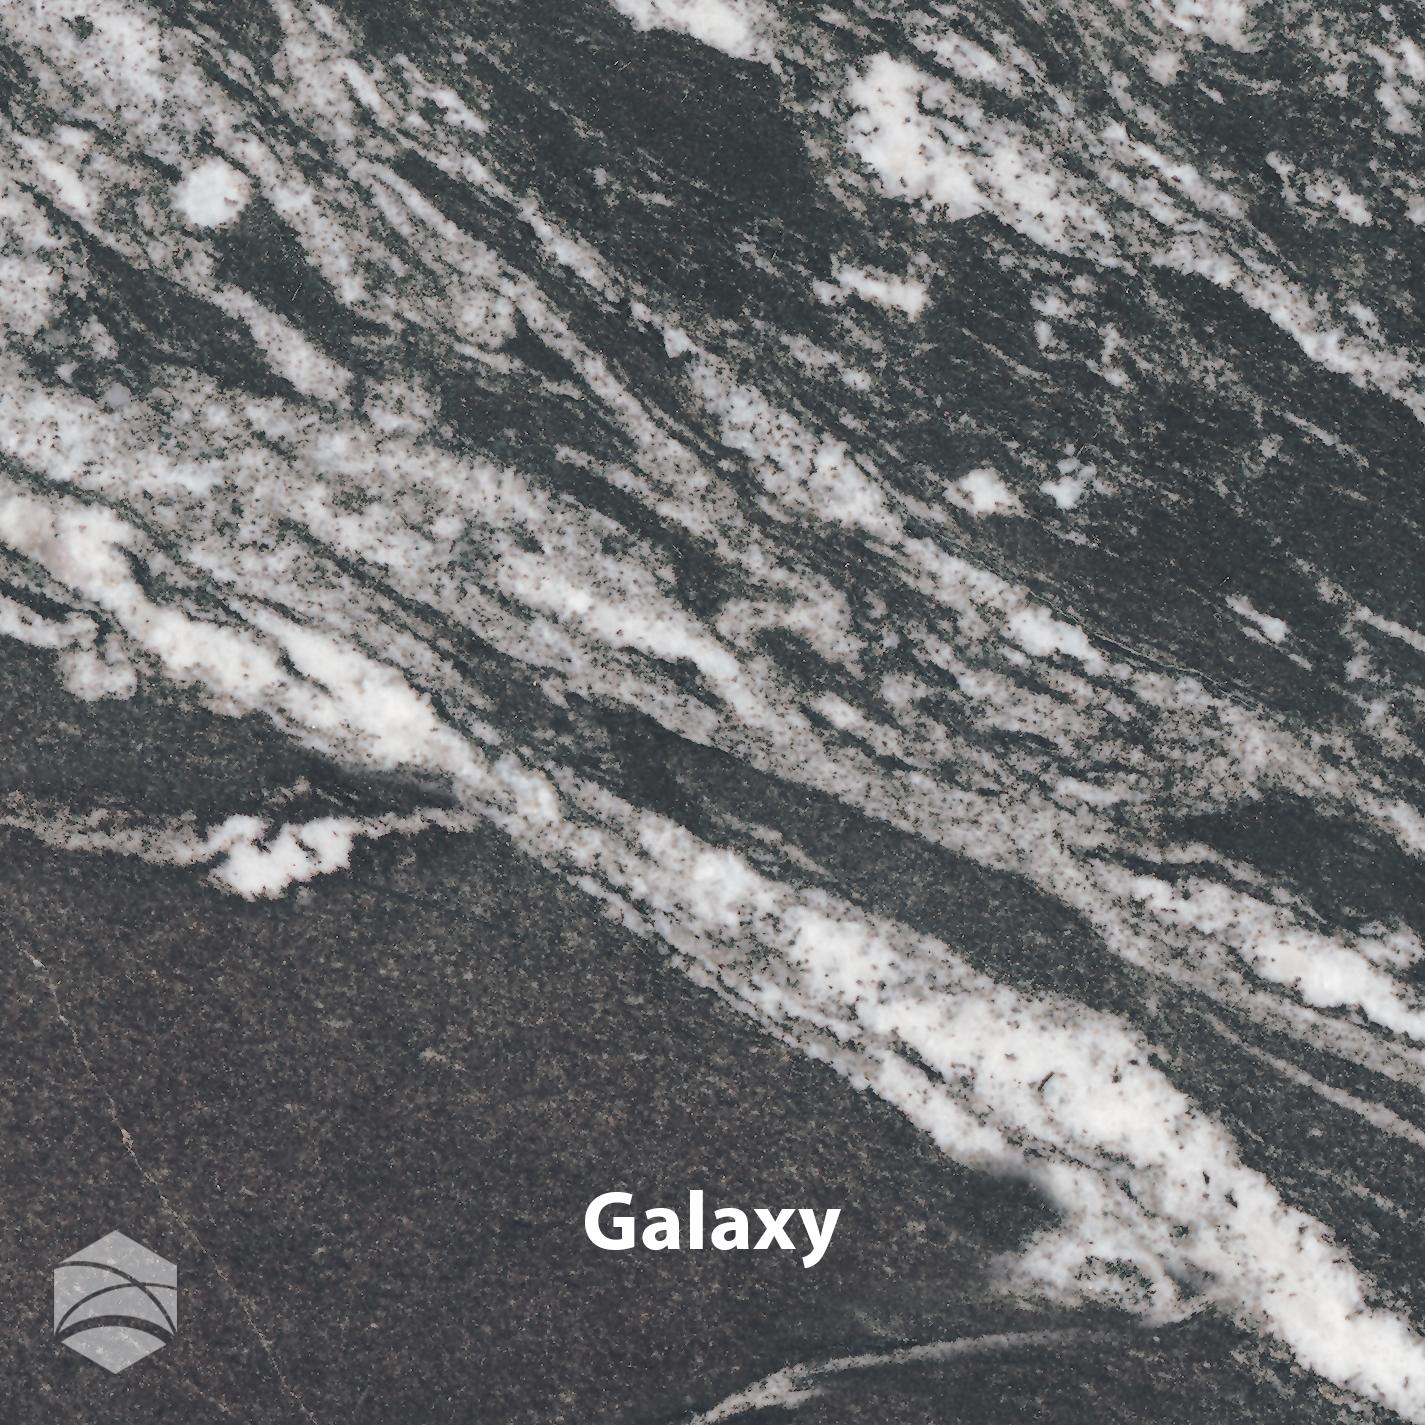 Galaxy_V2_14x14.jpg